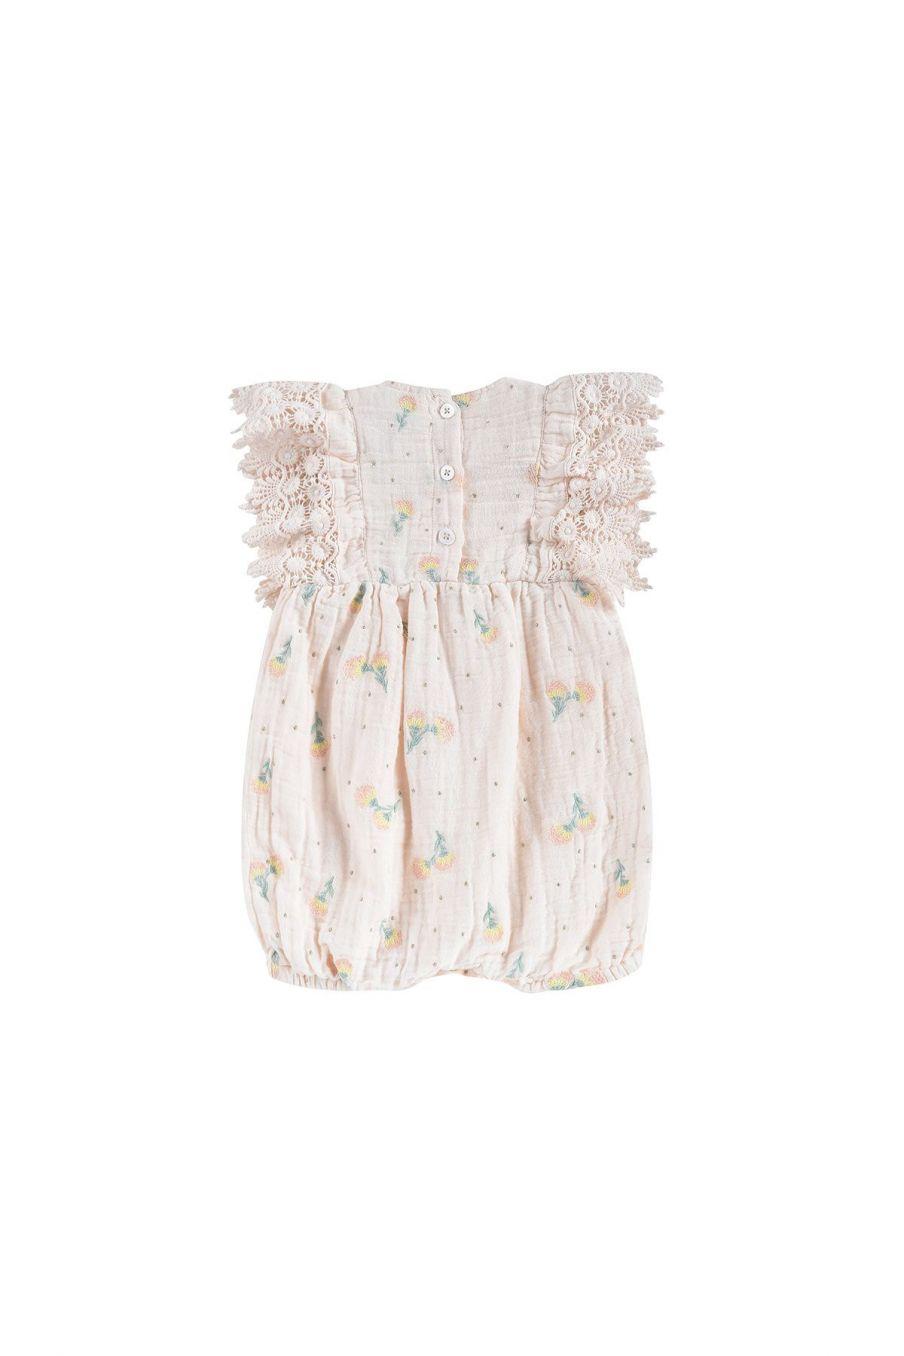 boheme chic vintage combinaison bébé fille agaro blush dandelion flowers